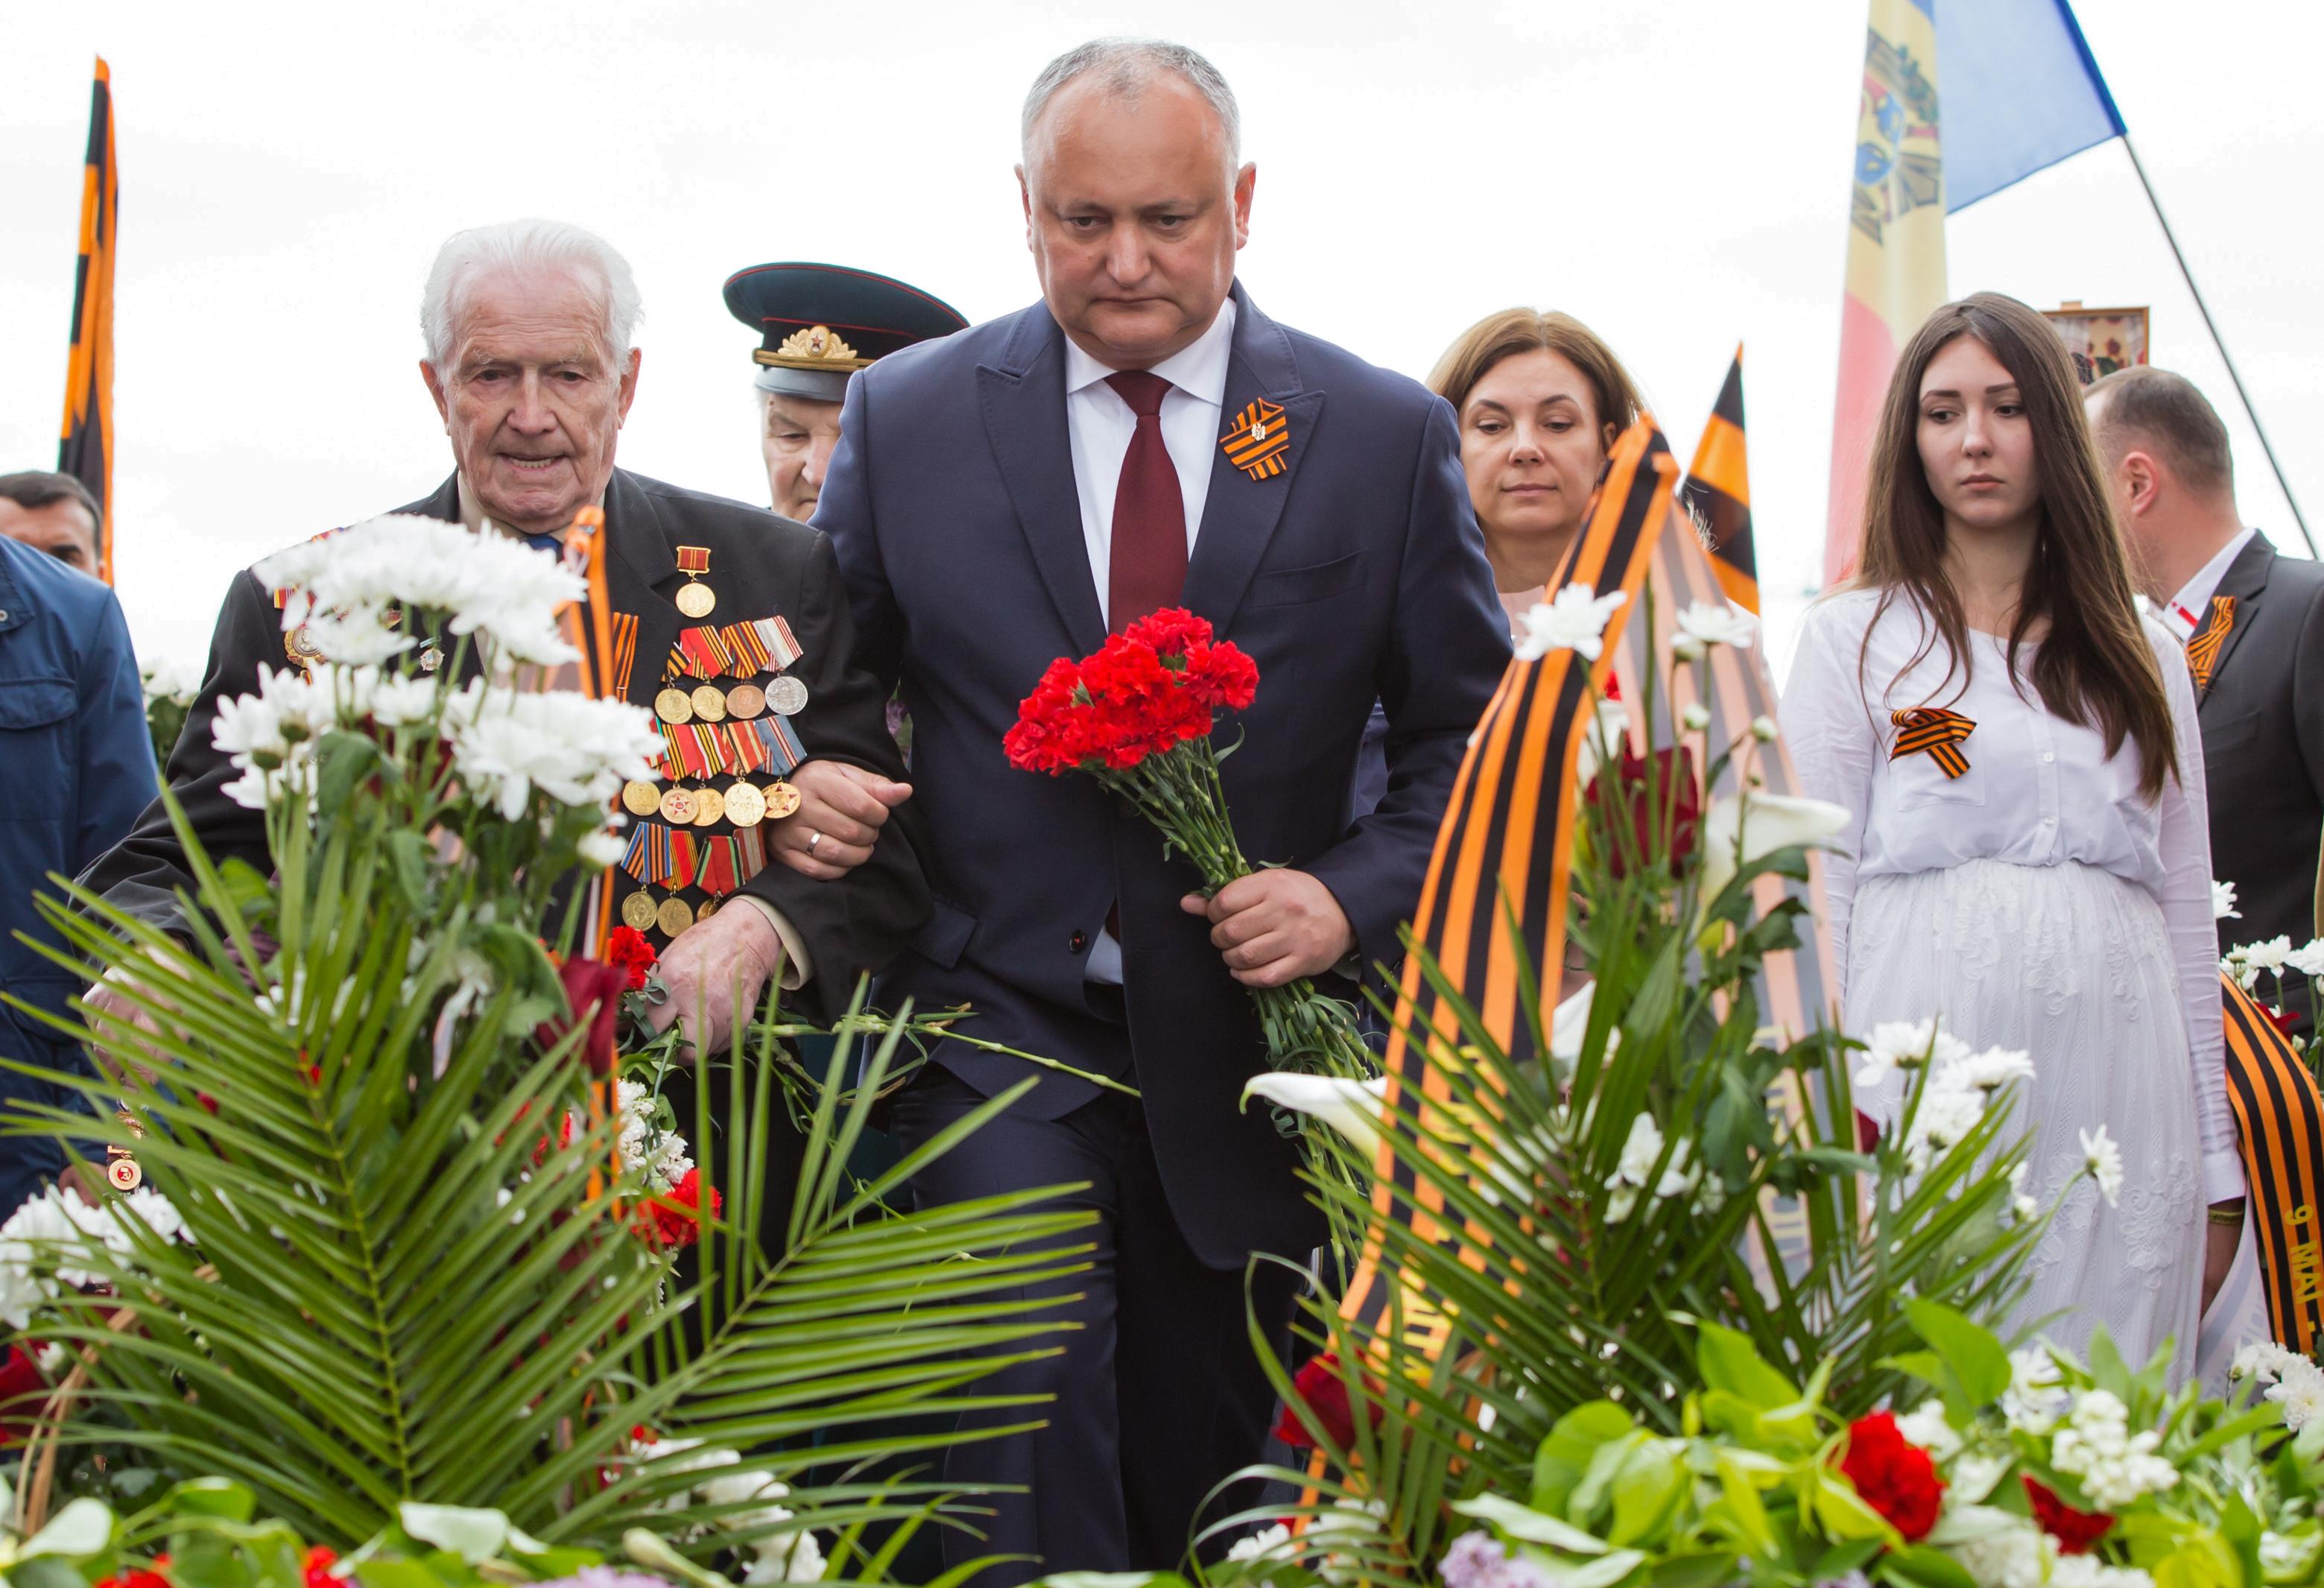 Belebukott az alkotmányos válságba a moldovai elnök